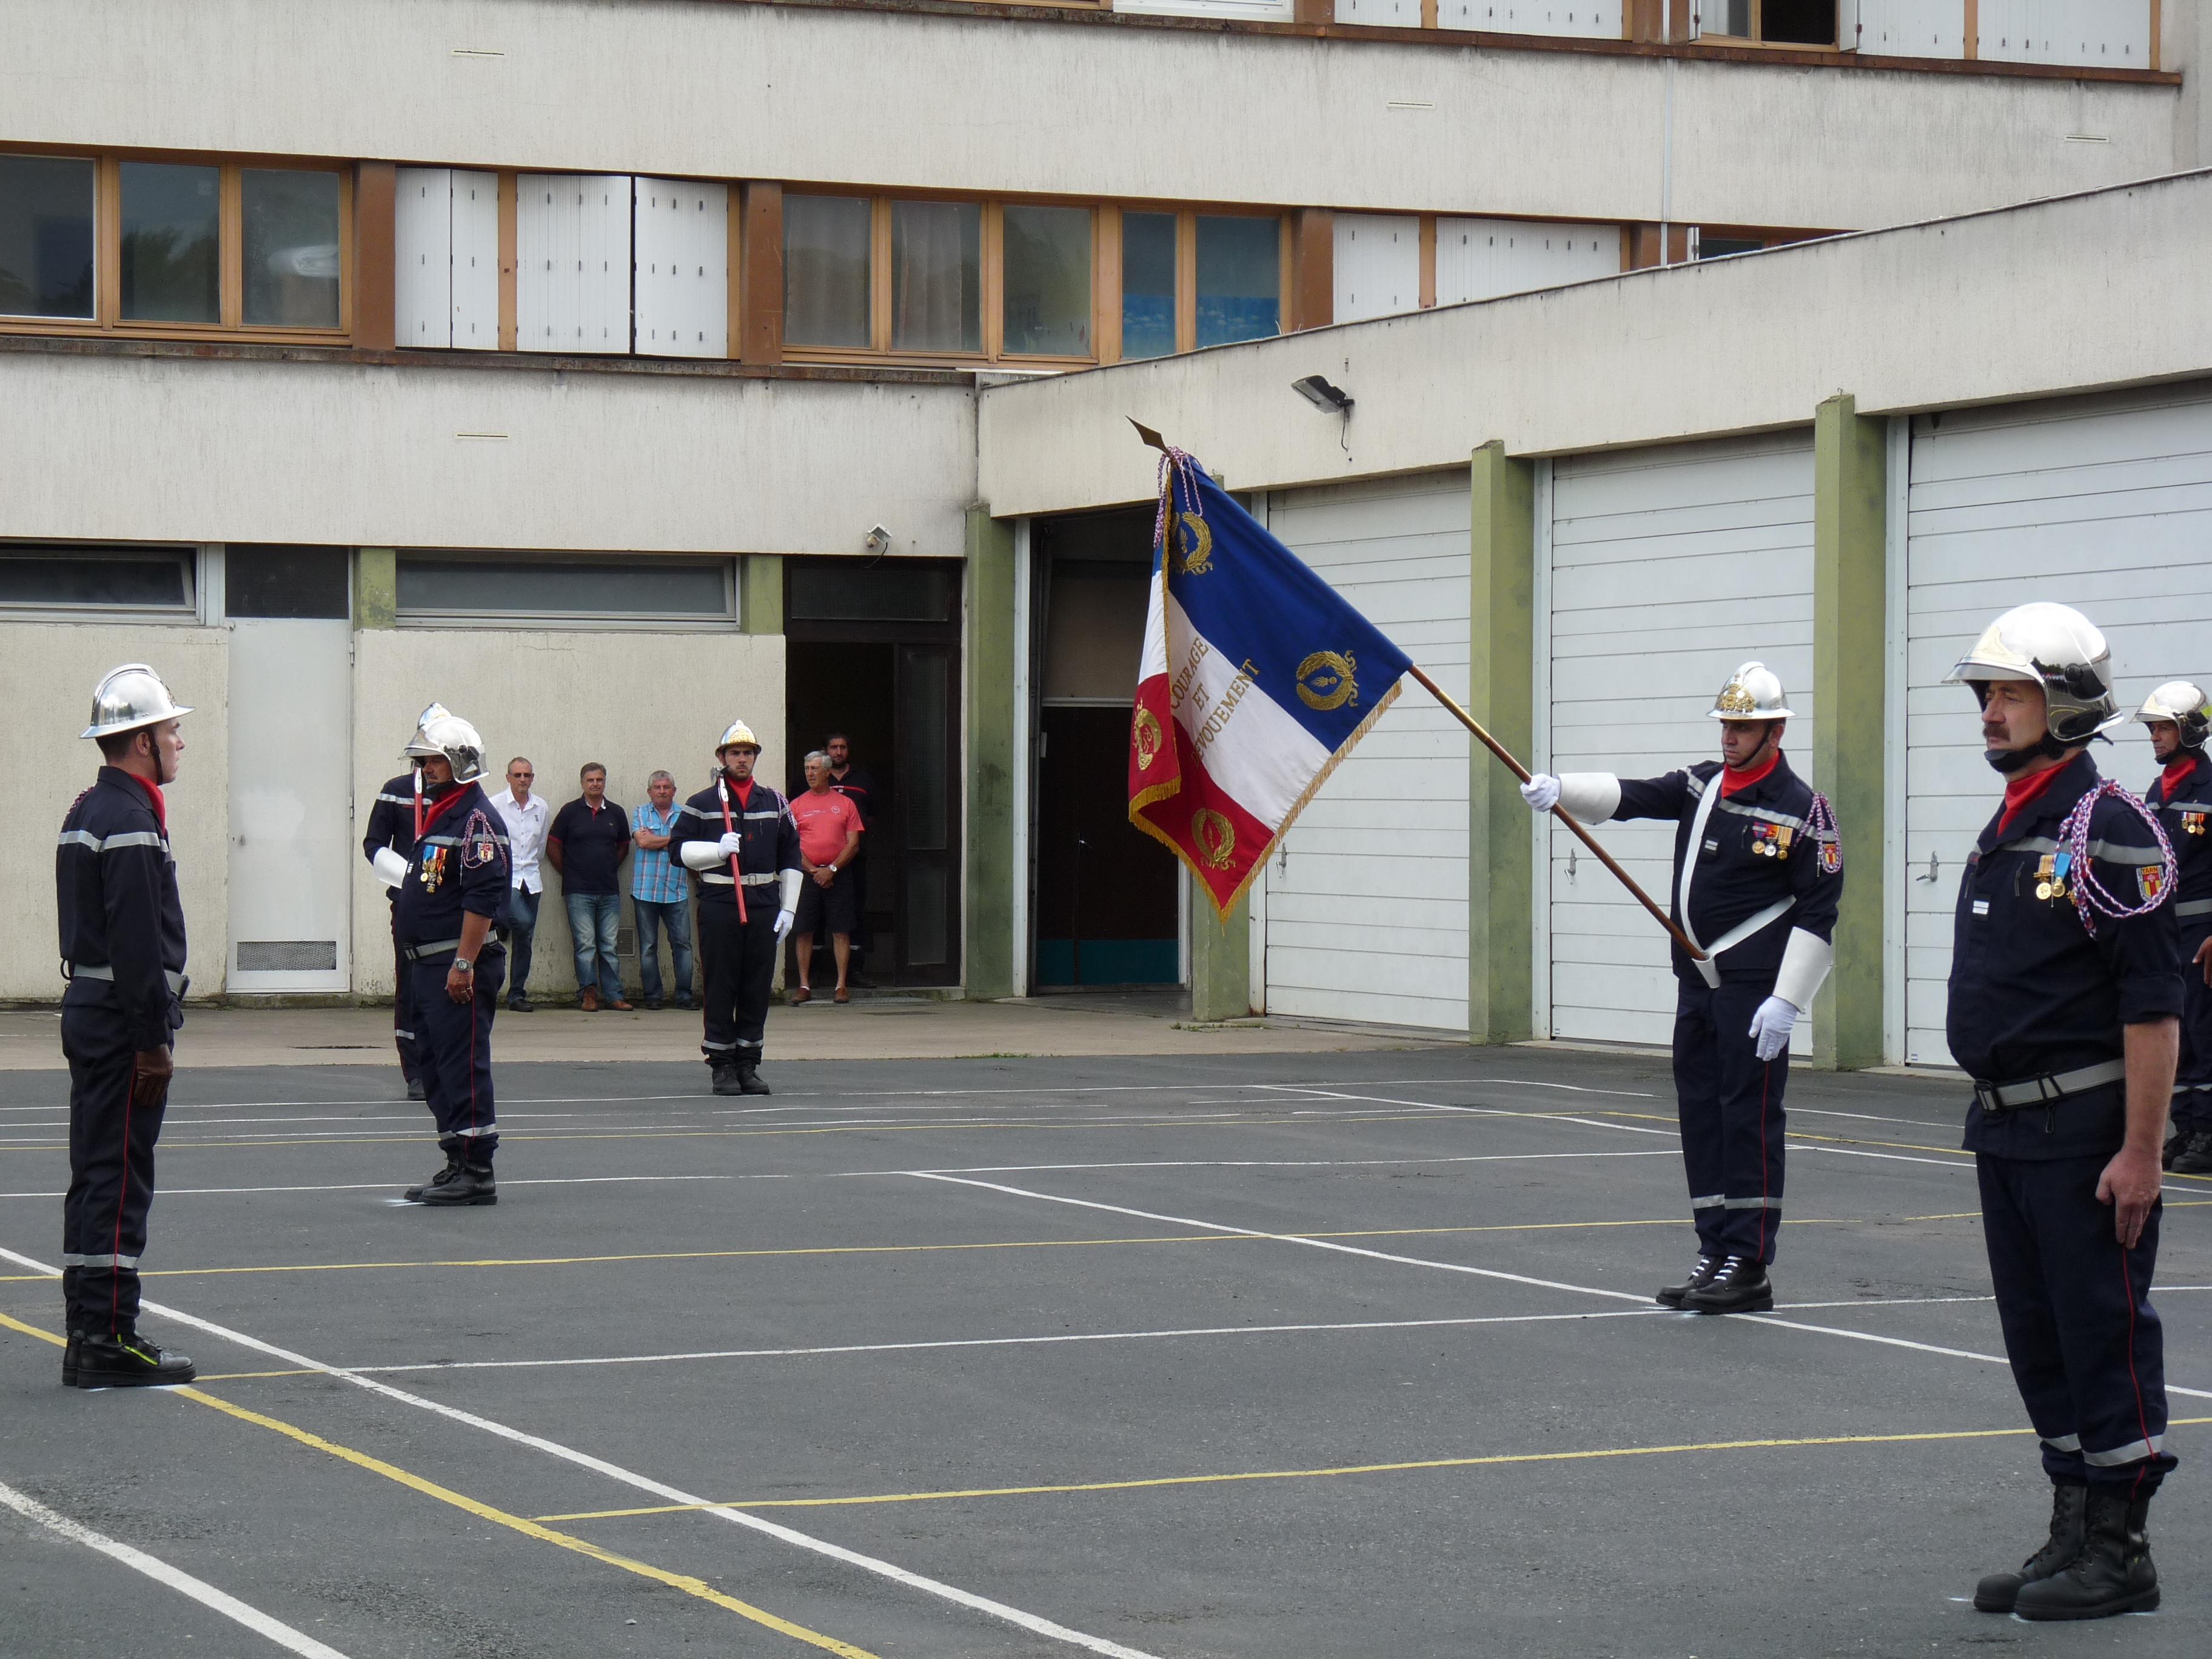 Passation de commandement au Centre d'Incendie et de Secours de Carmaux